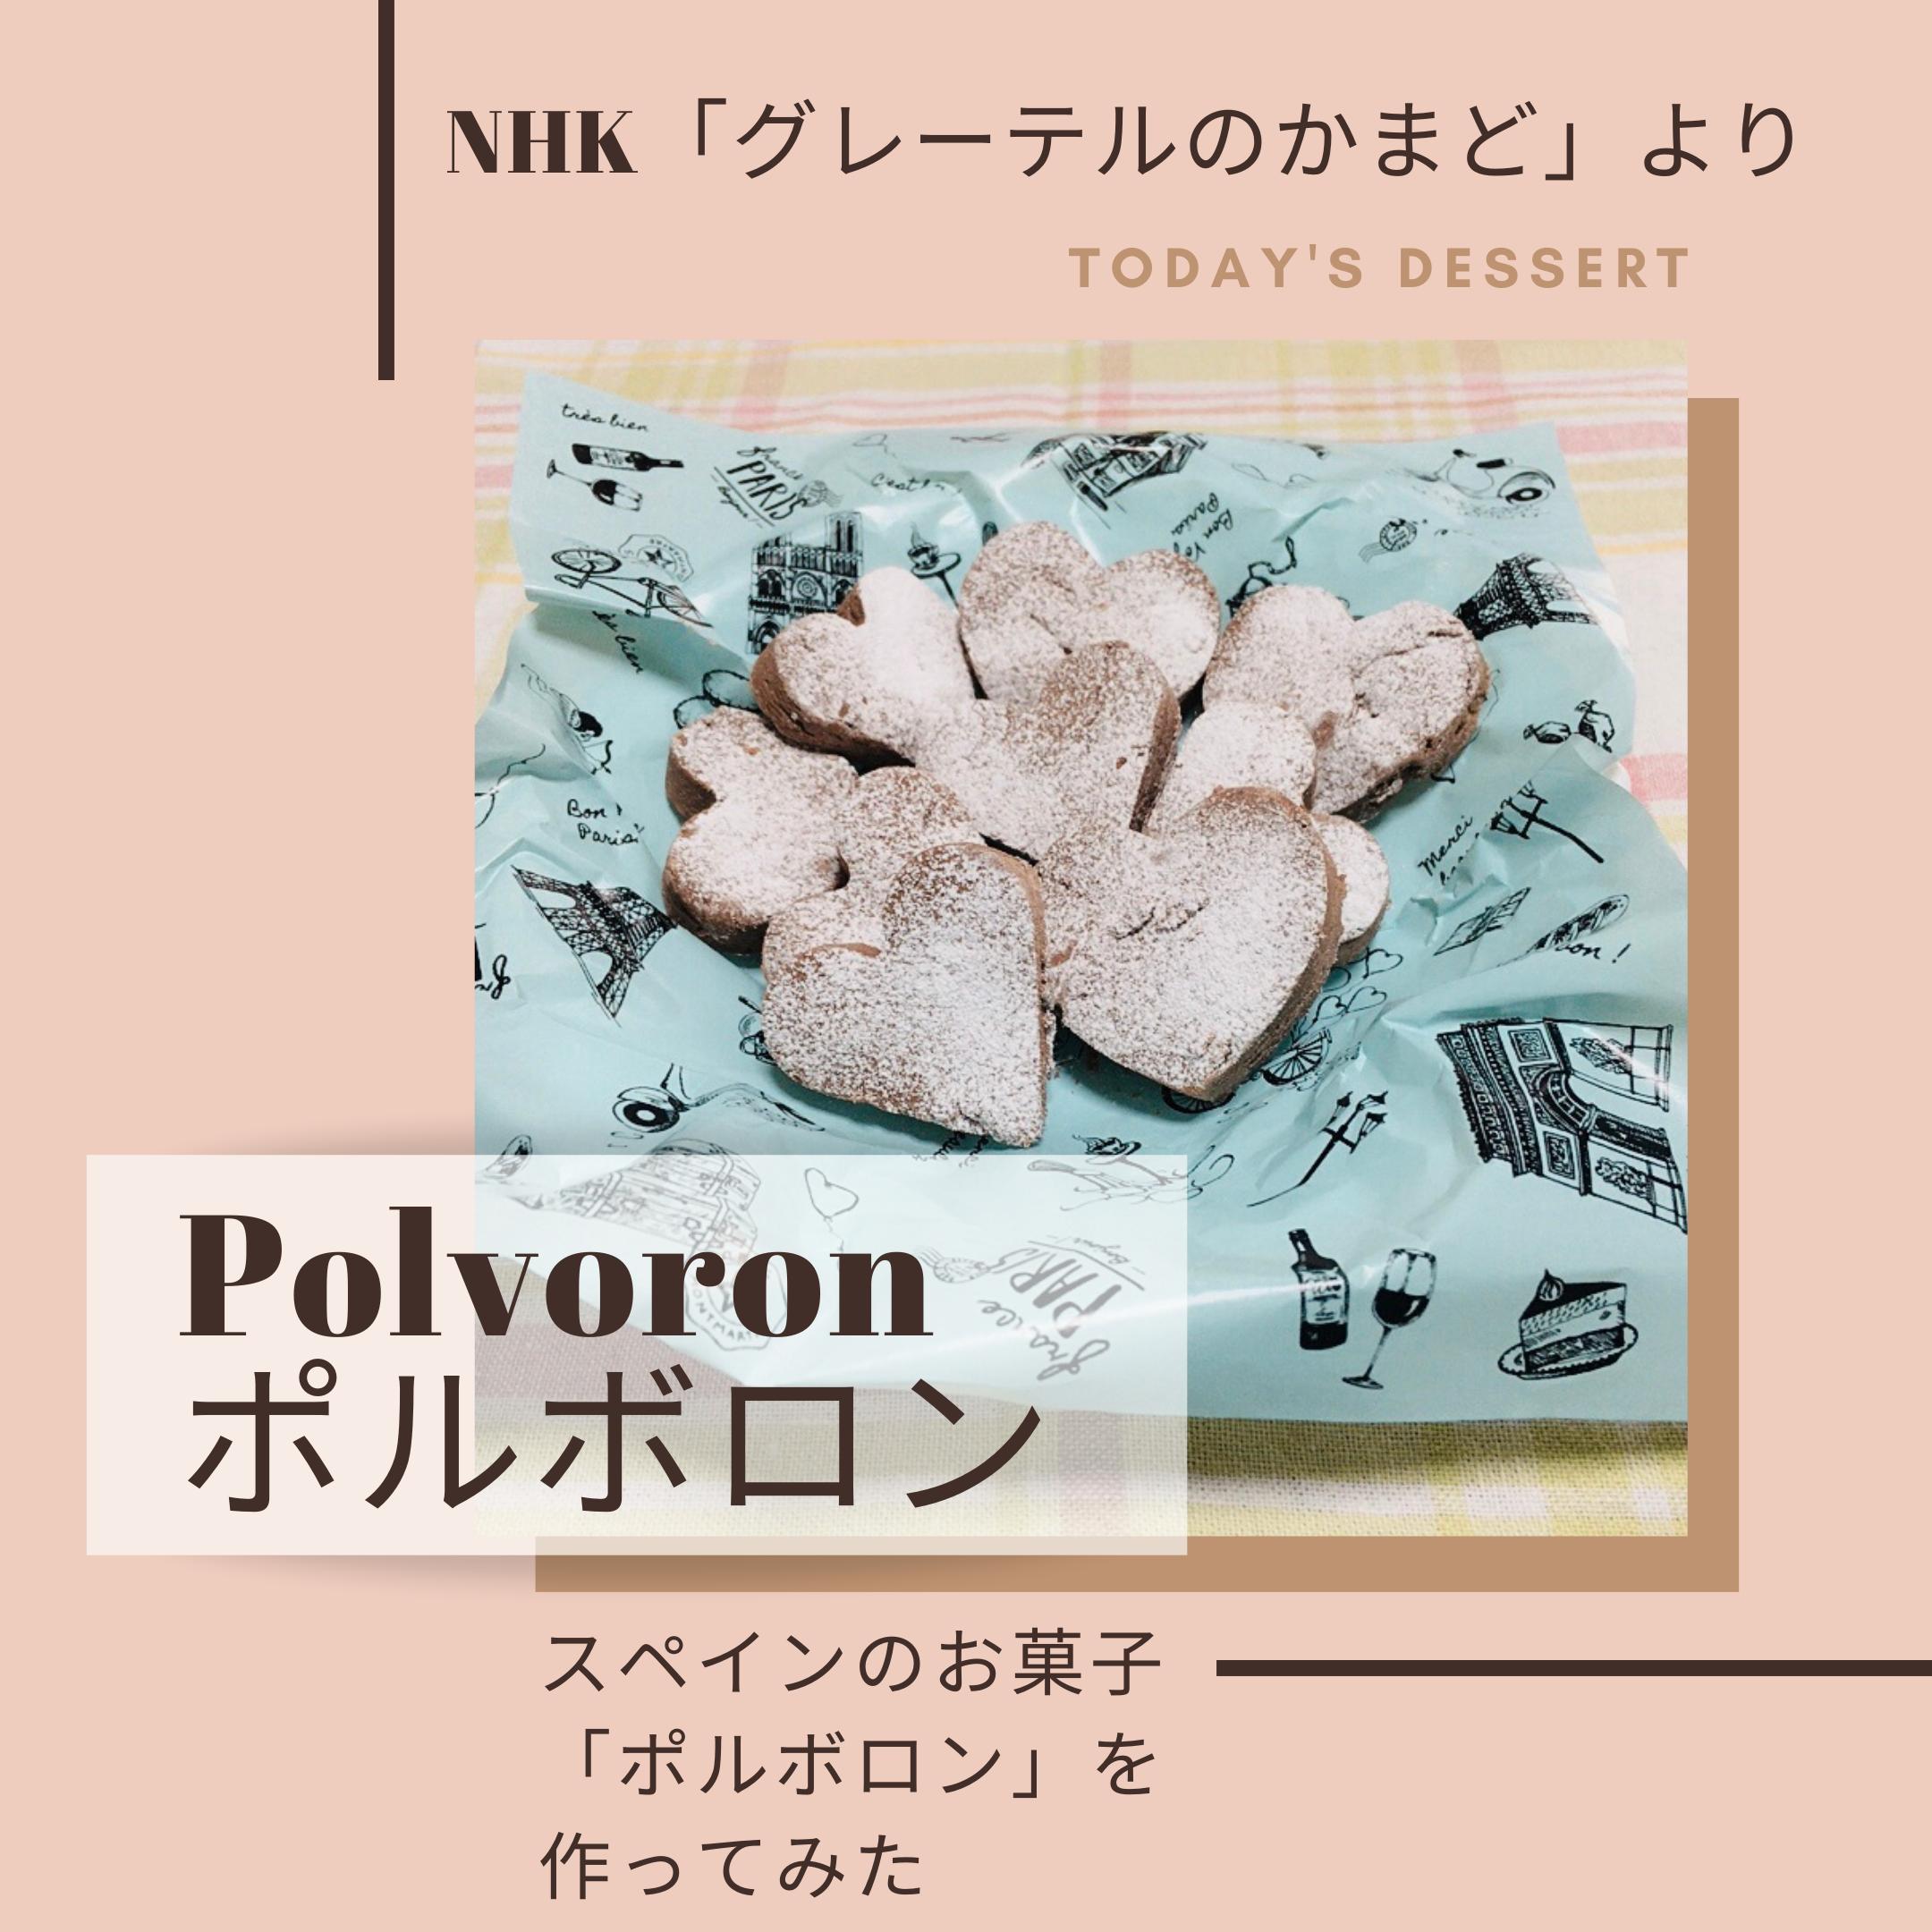 ポルボロン